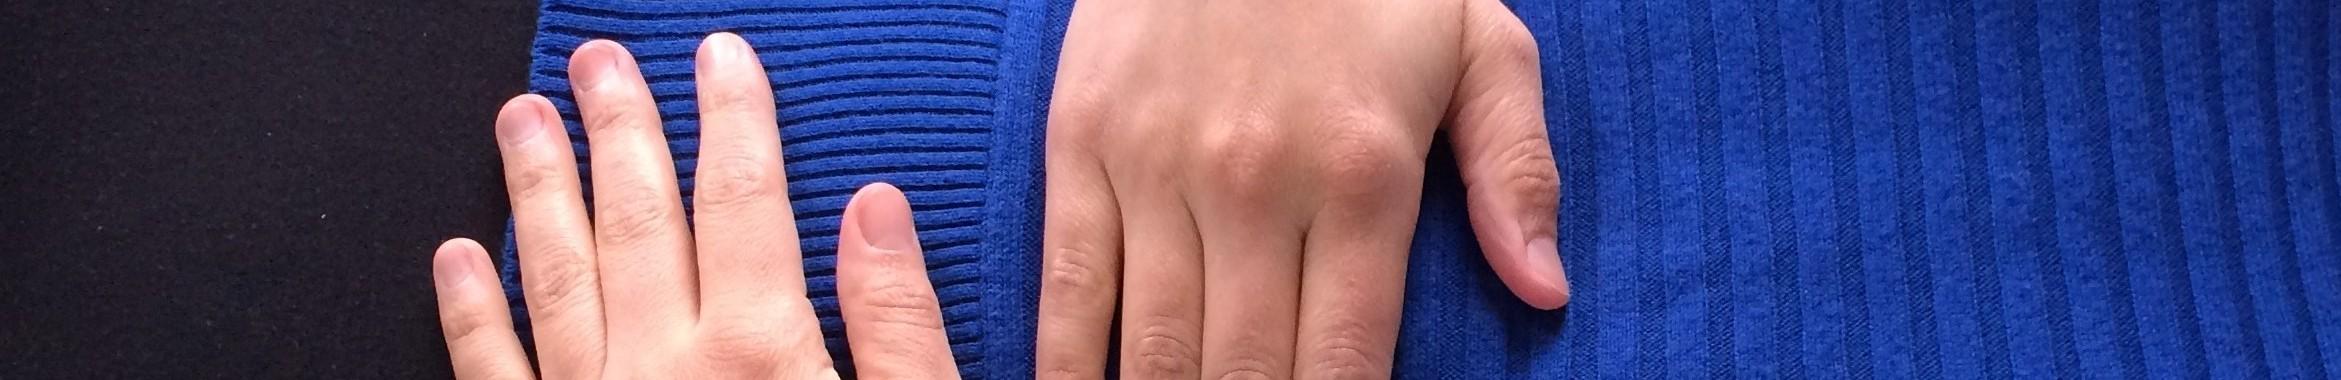 hands on abdomen